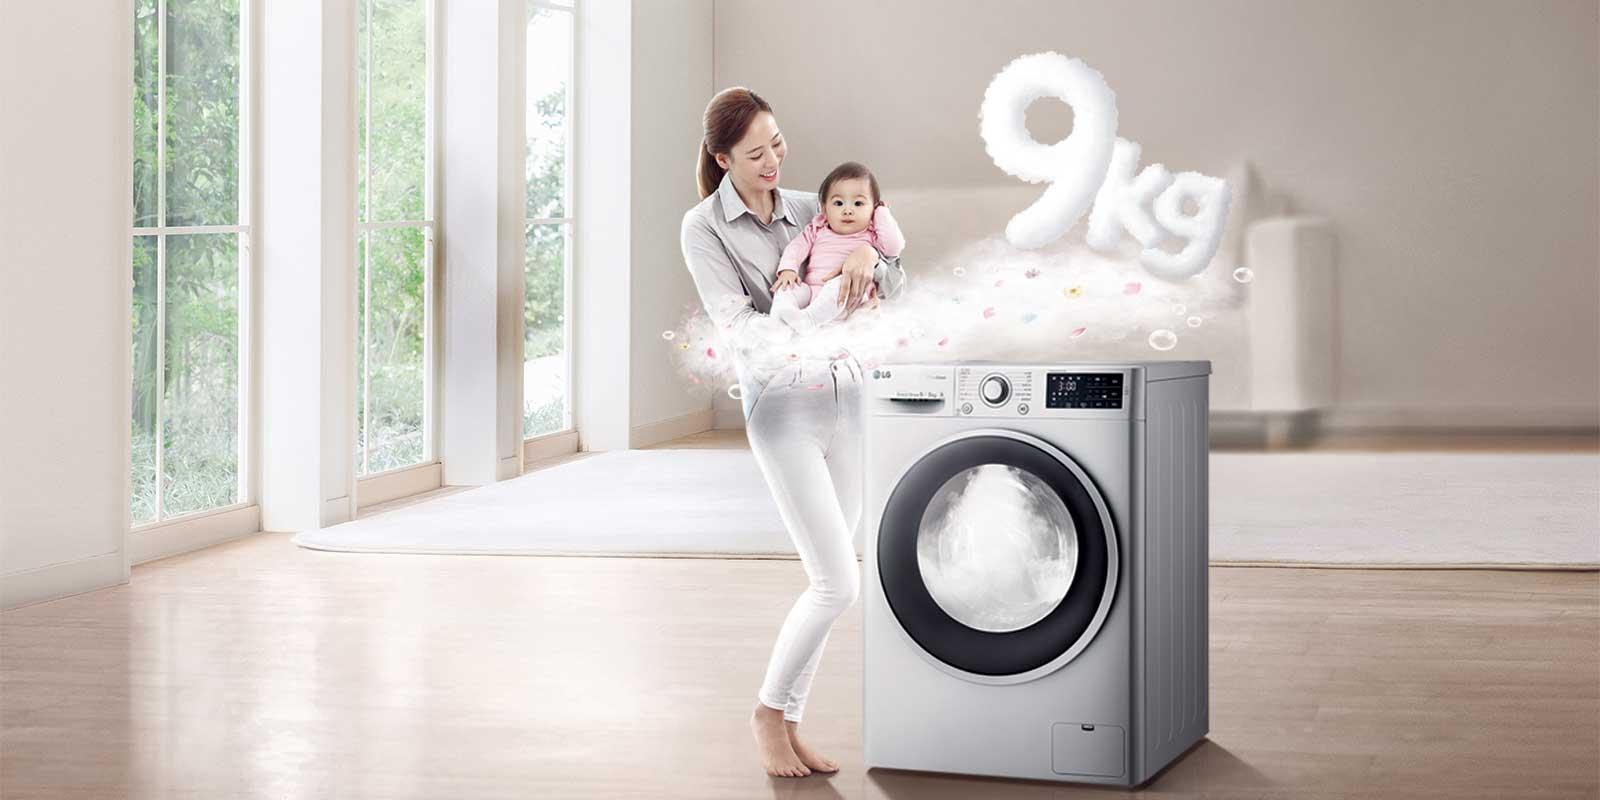 波轮洗衣机_LG洗衣机给您全新洗涤体验   LG洗衣机官网